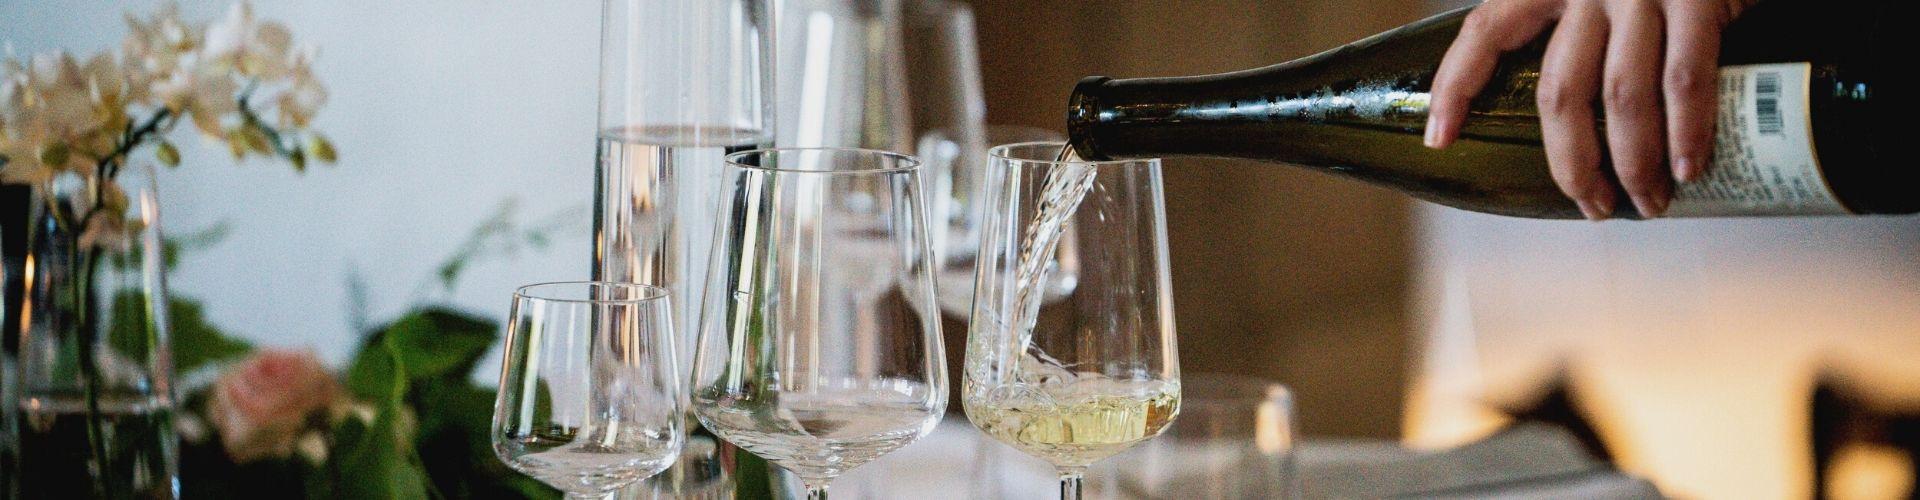 Wino Casali del Barone